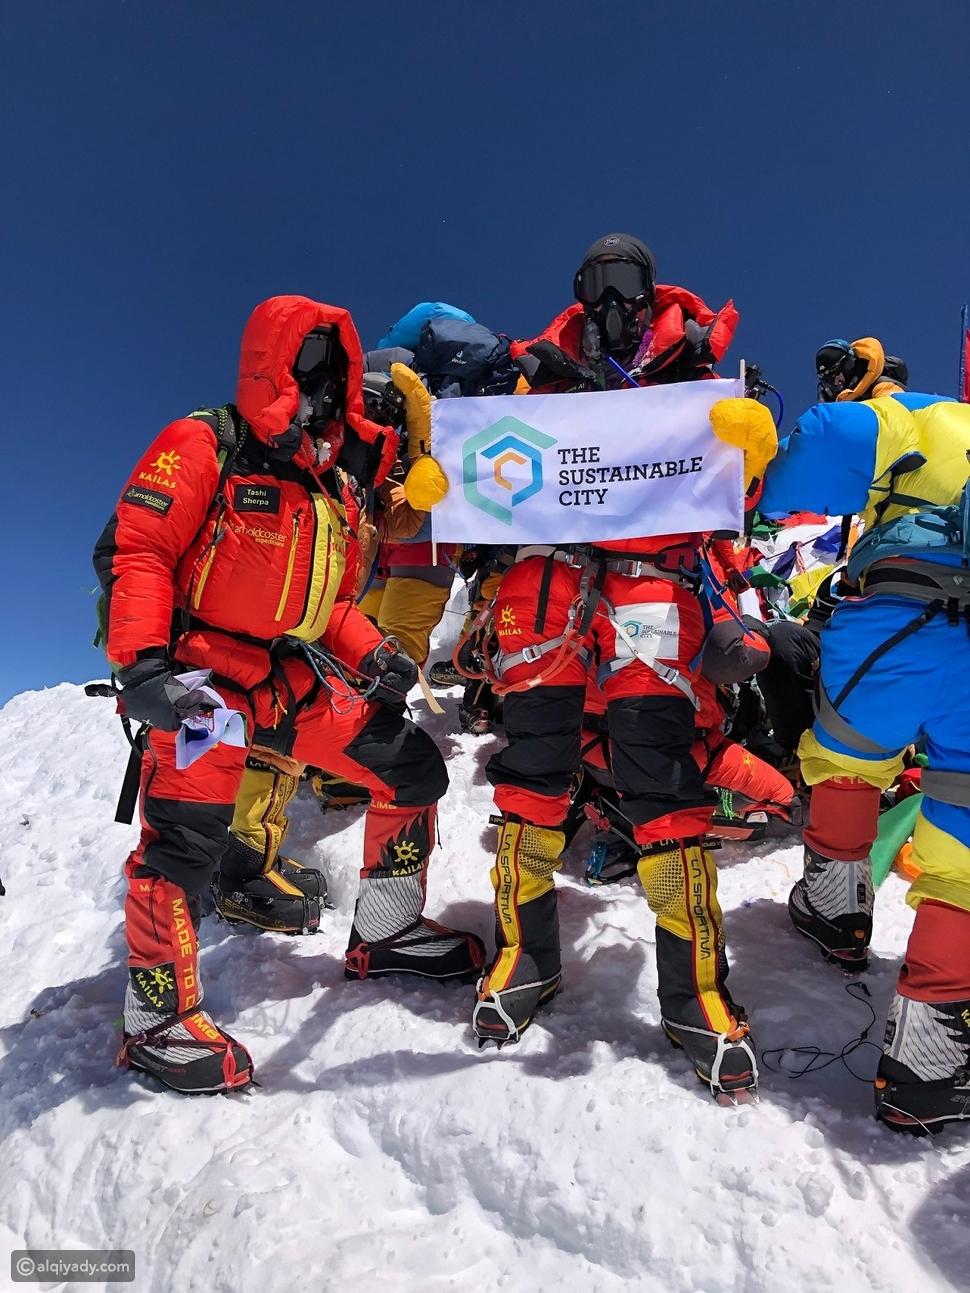 دولورس الشلة أول امرأة عربية تتسلق قمة إيفرست من جرفها الشمالي